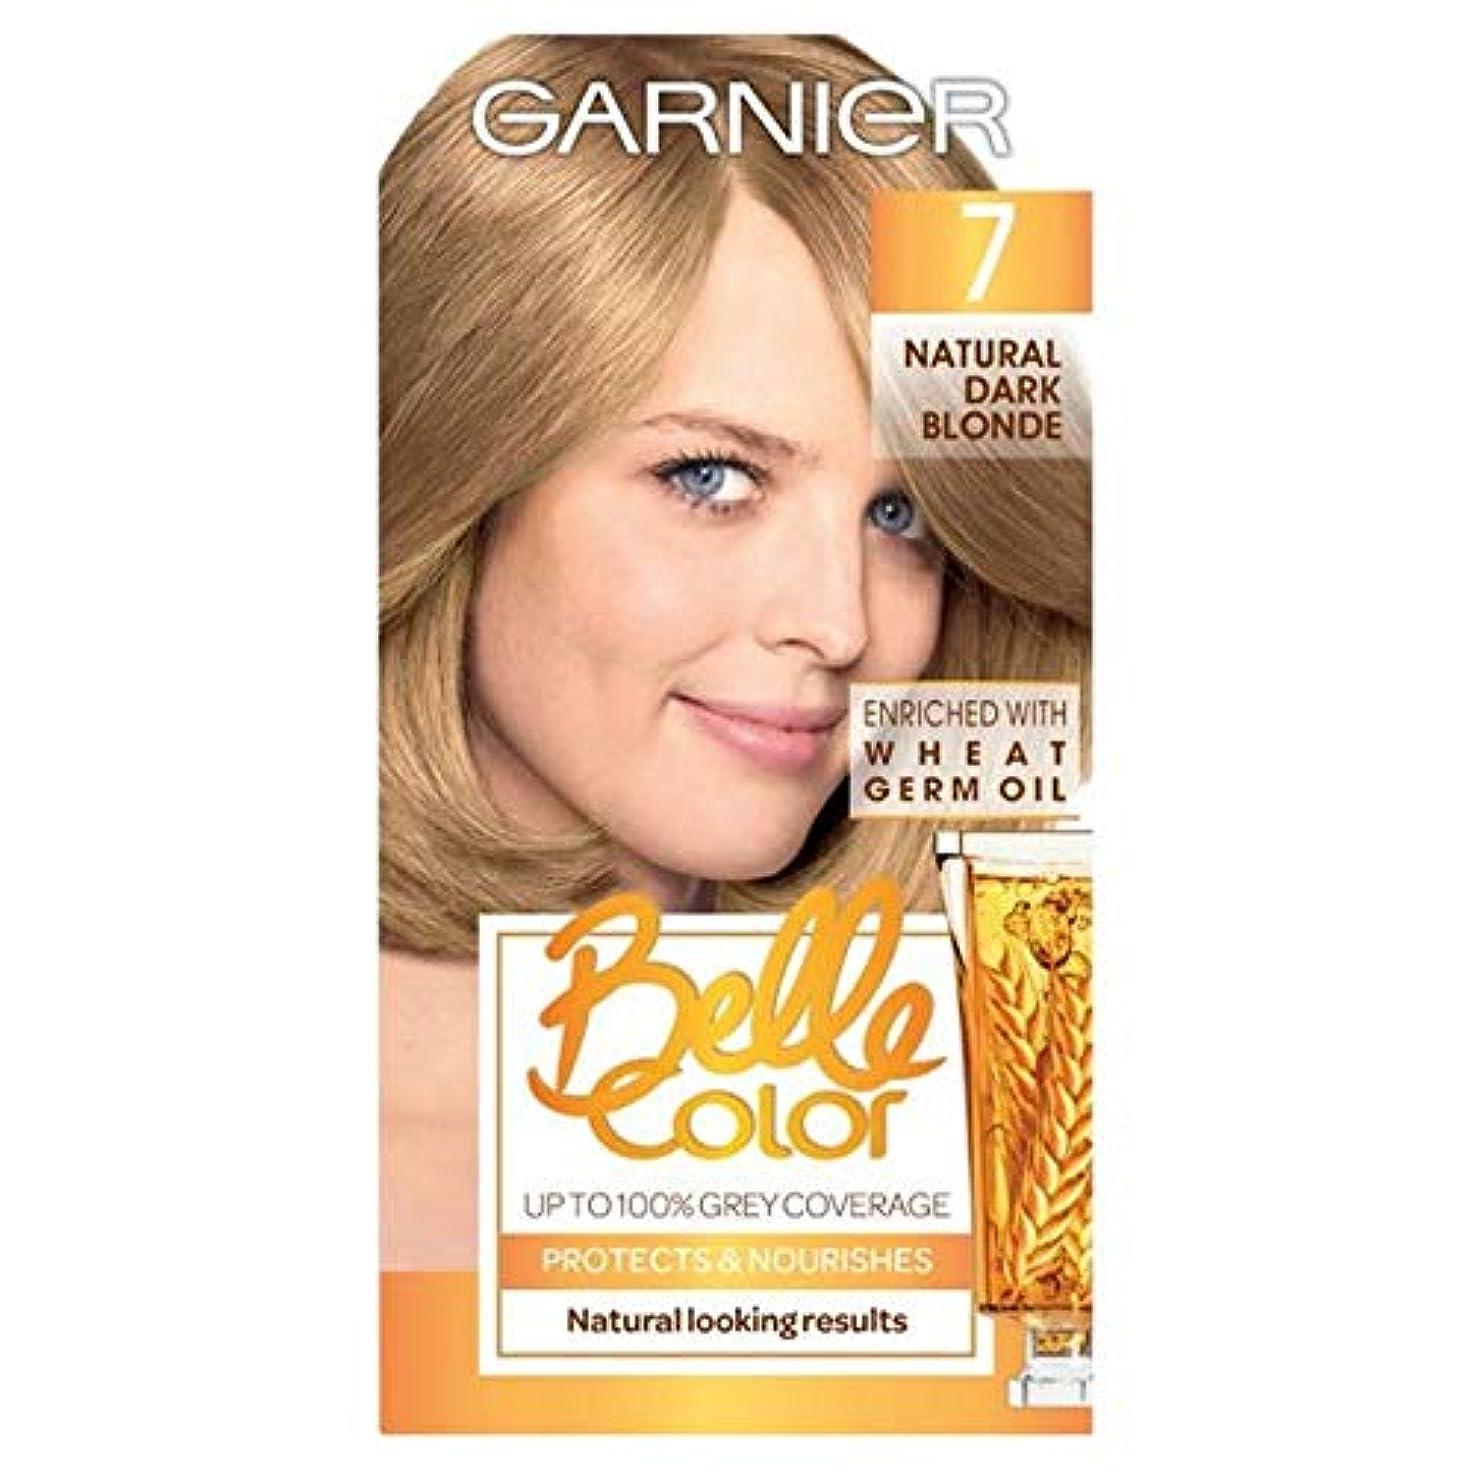 バスタブマウスピース革命[Belle Color ] ガーン/ベル/Clr 7ナチュラルダークブロンドパーマネントヘアダイ - Garn/Bel/Clr 7 Natural Dark Blonde Permanent Hair Dye [並行輸入品]